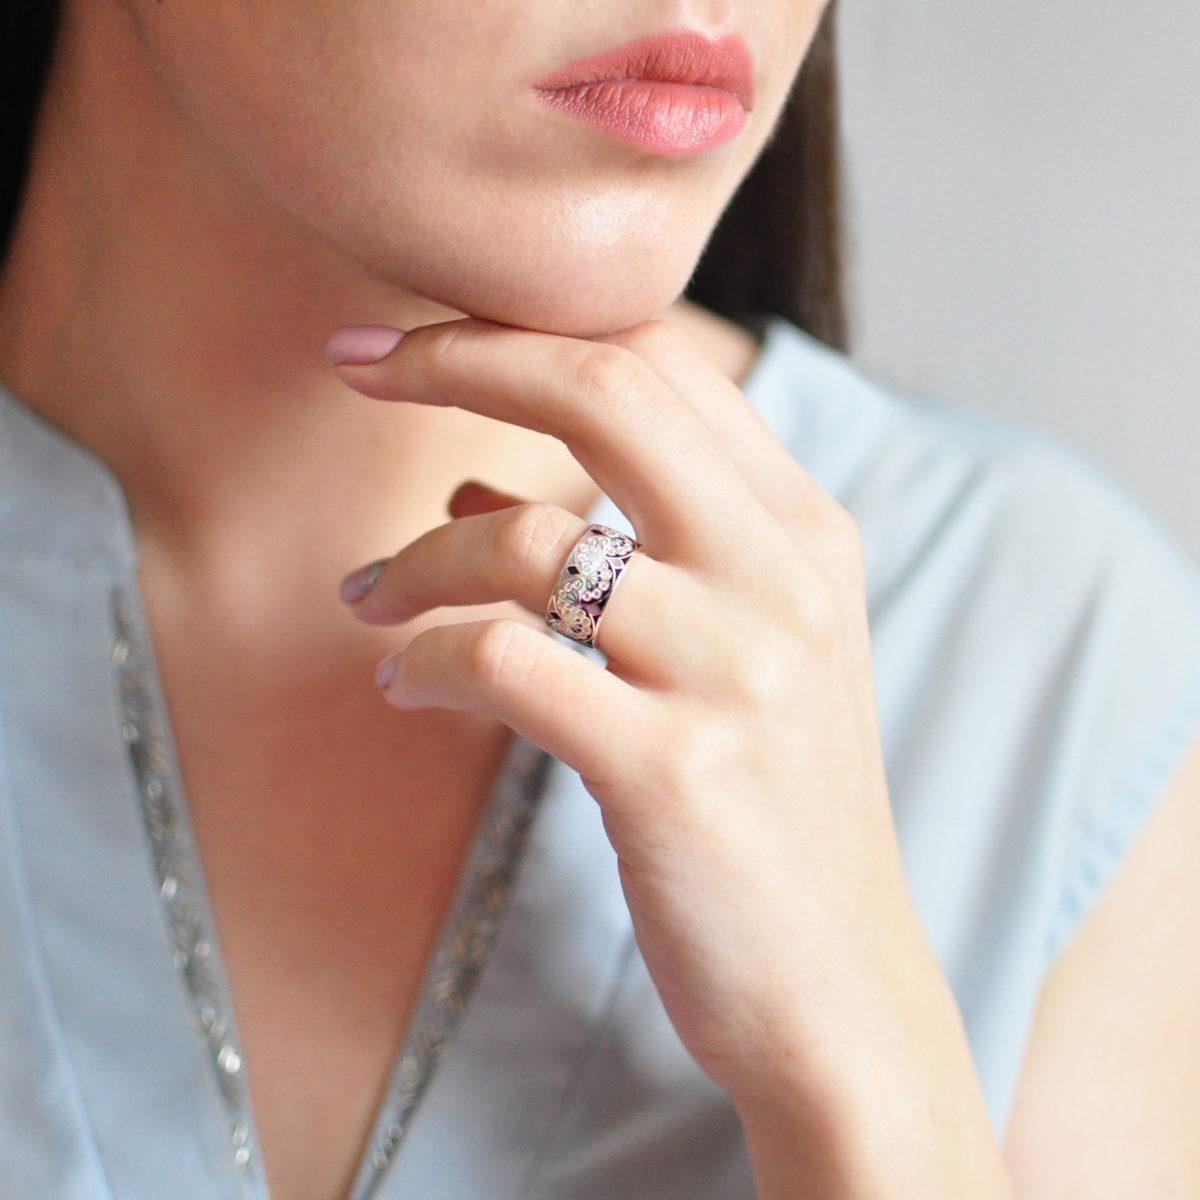 Serebro rozovaya 1 1200x1200 - Кольцо «Сады Семирамиды», розовая